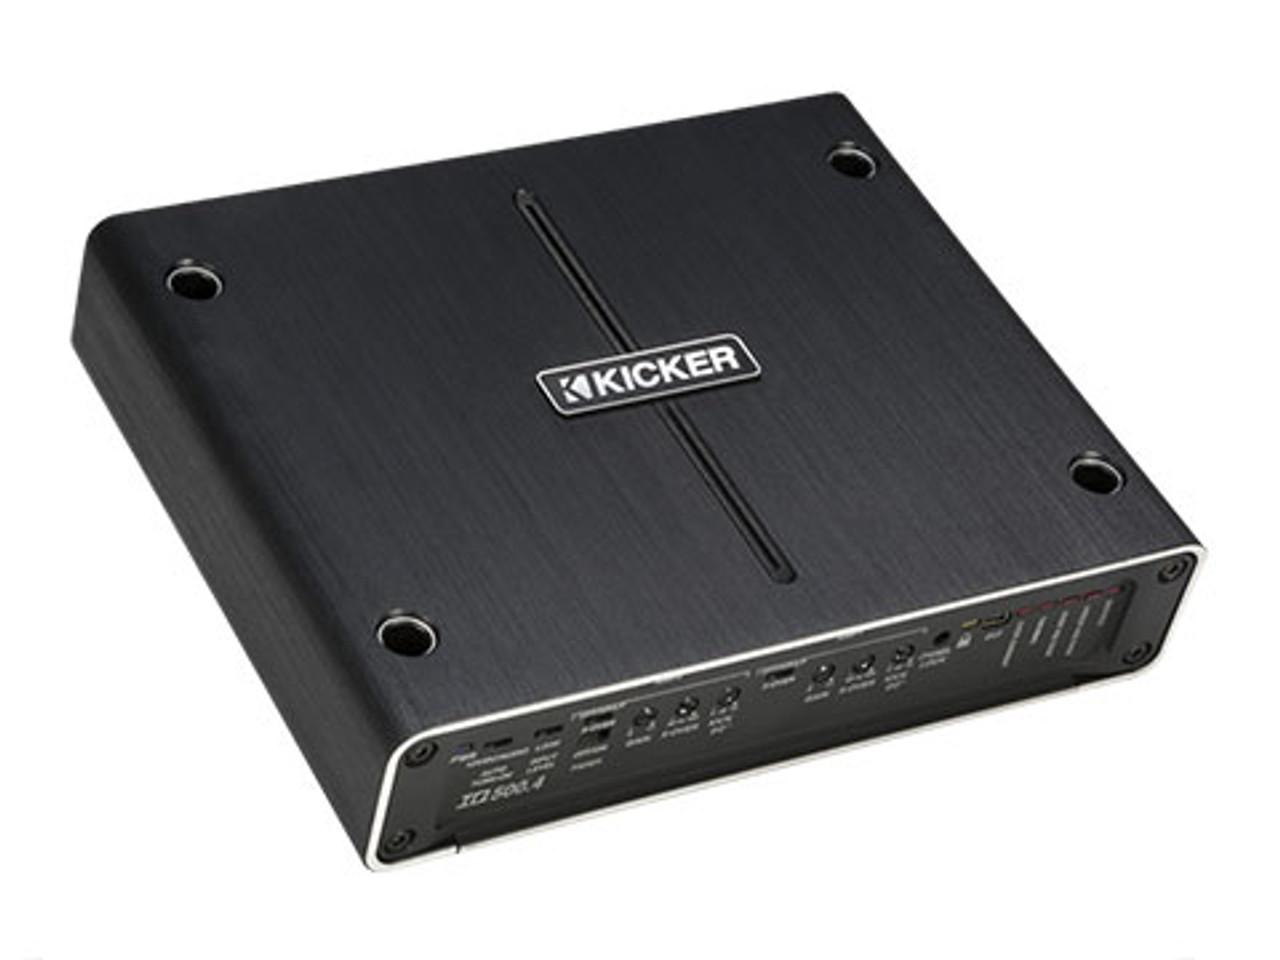 KICKER IQ500.4 Four Channel Amplifier